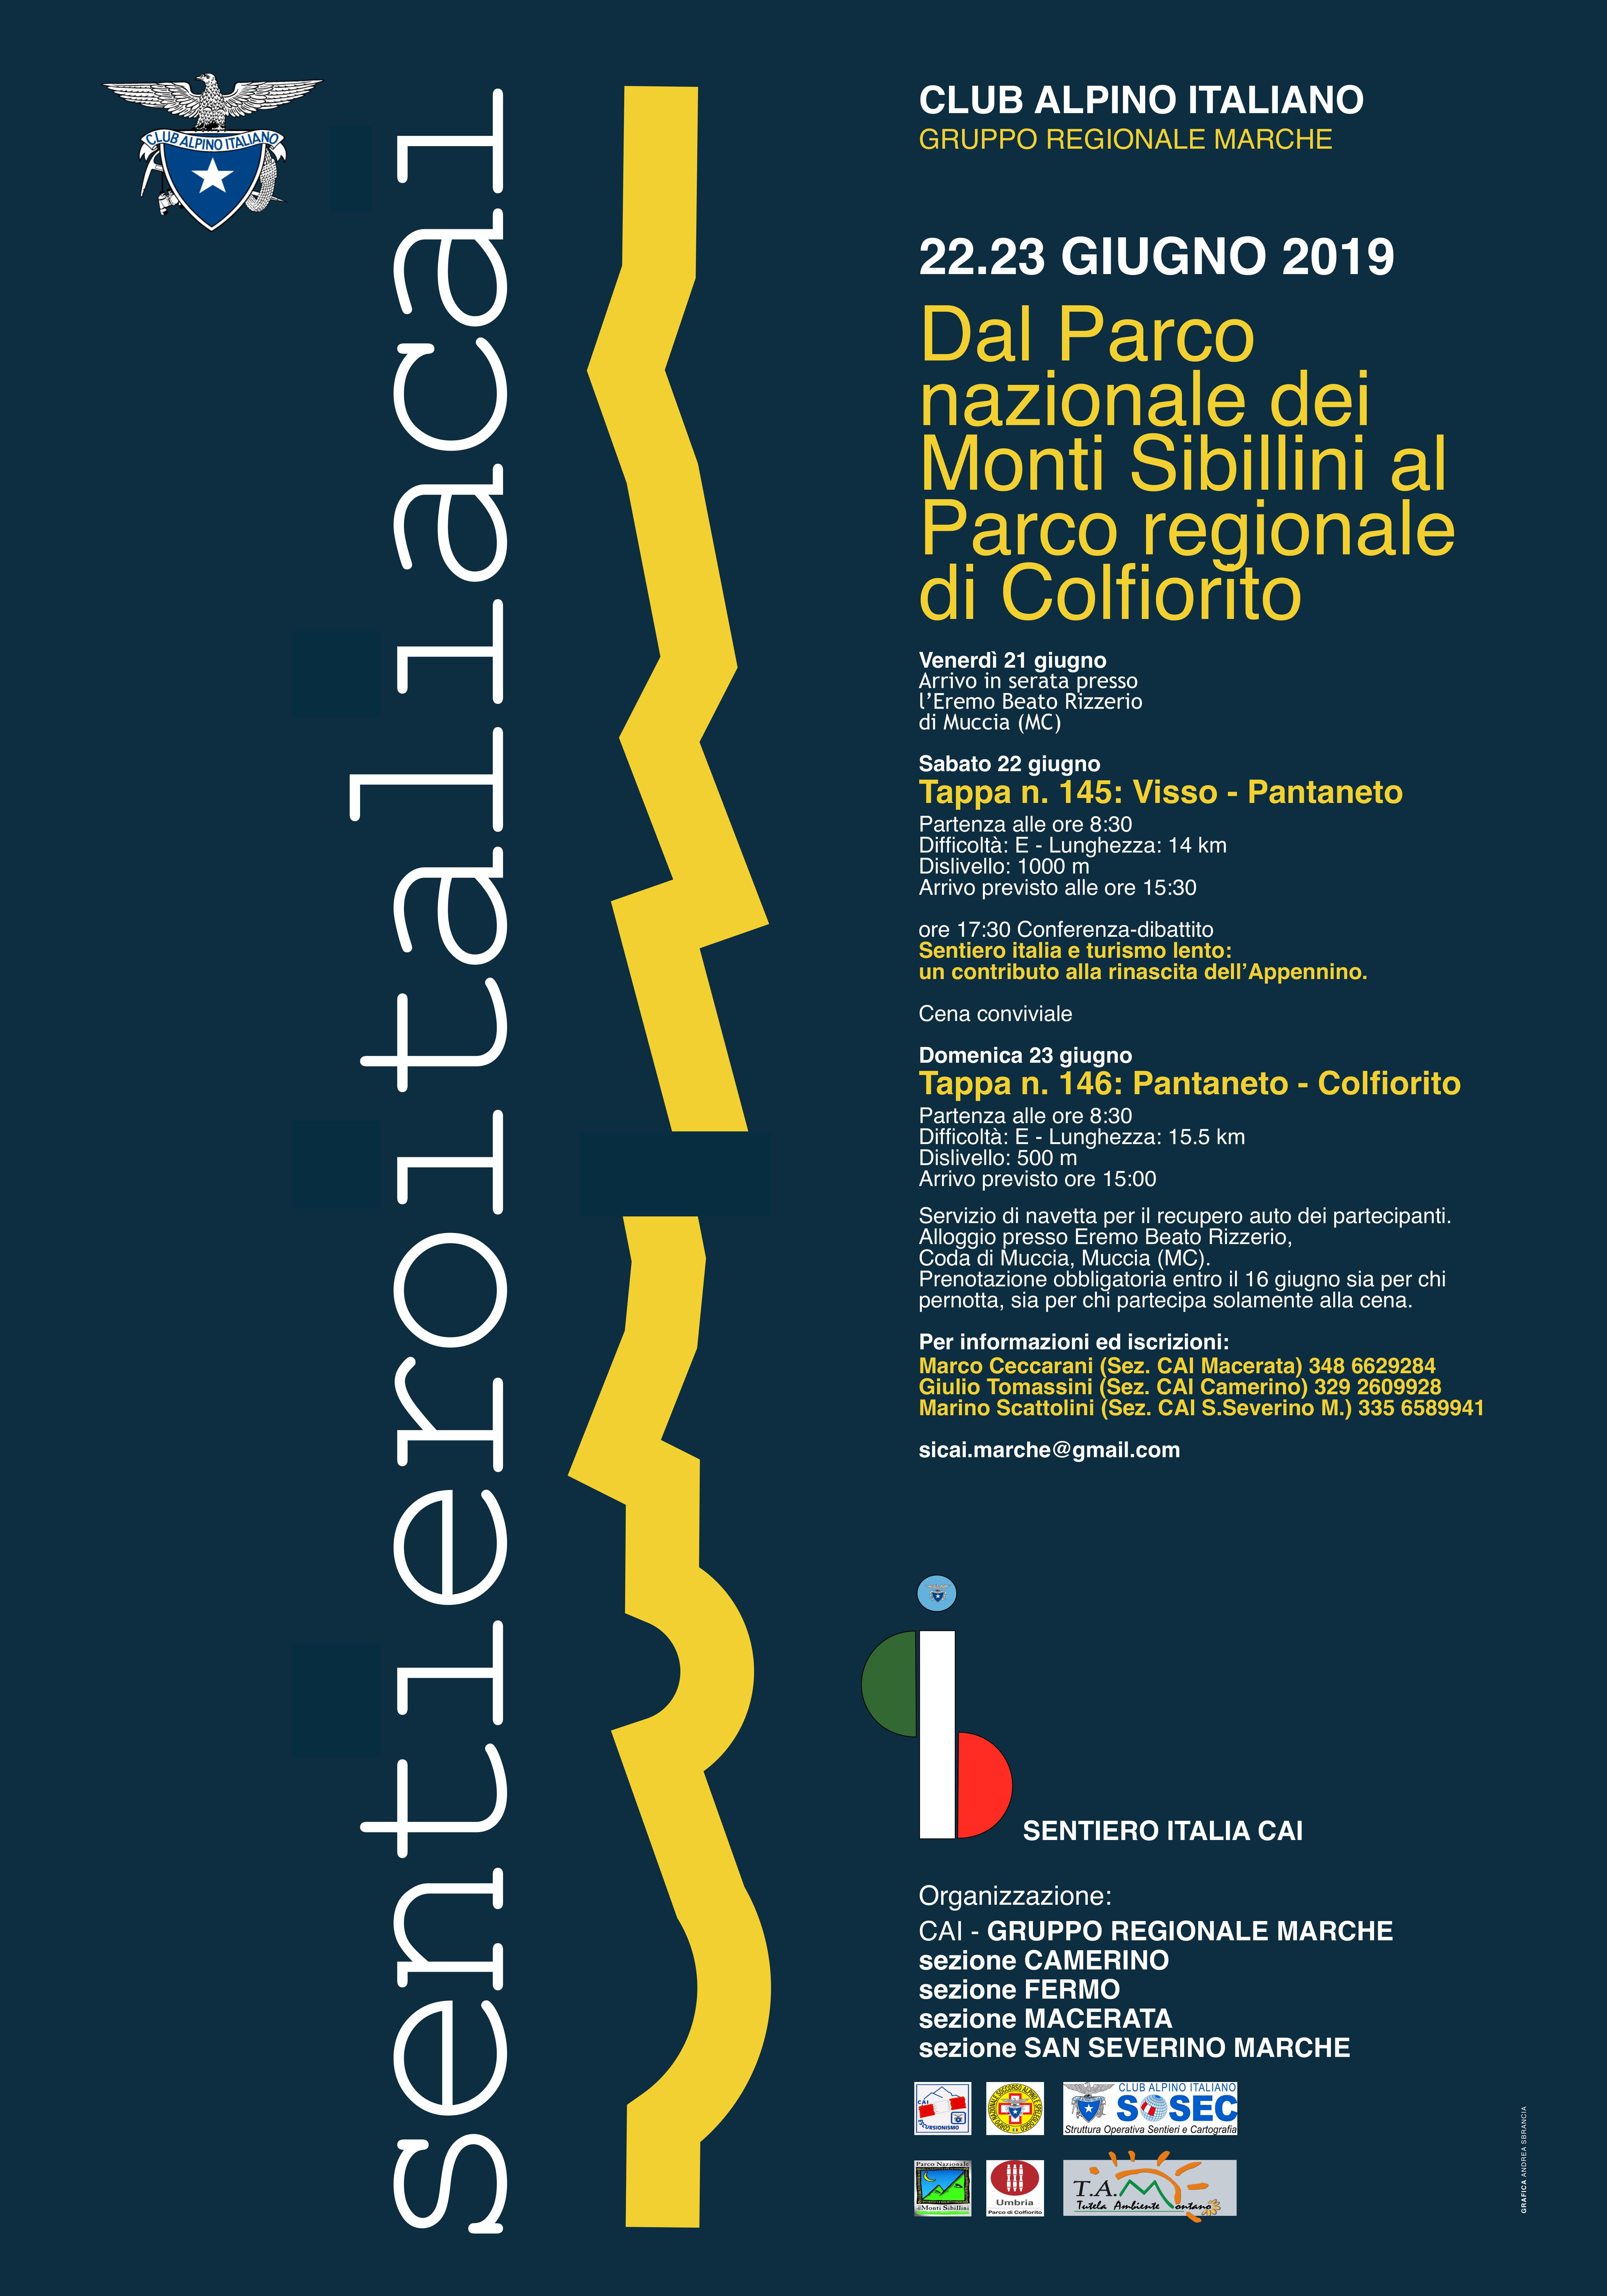 SENTIERO ITALIA CAI MARCHE